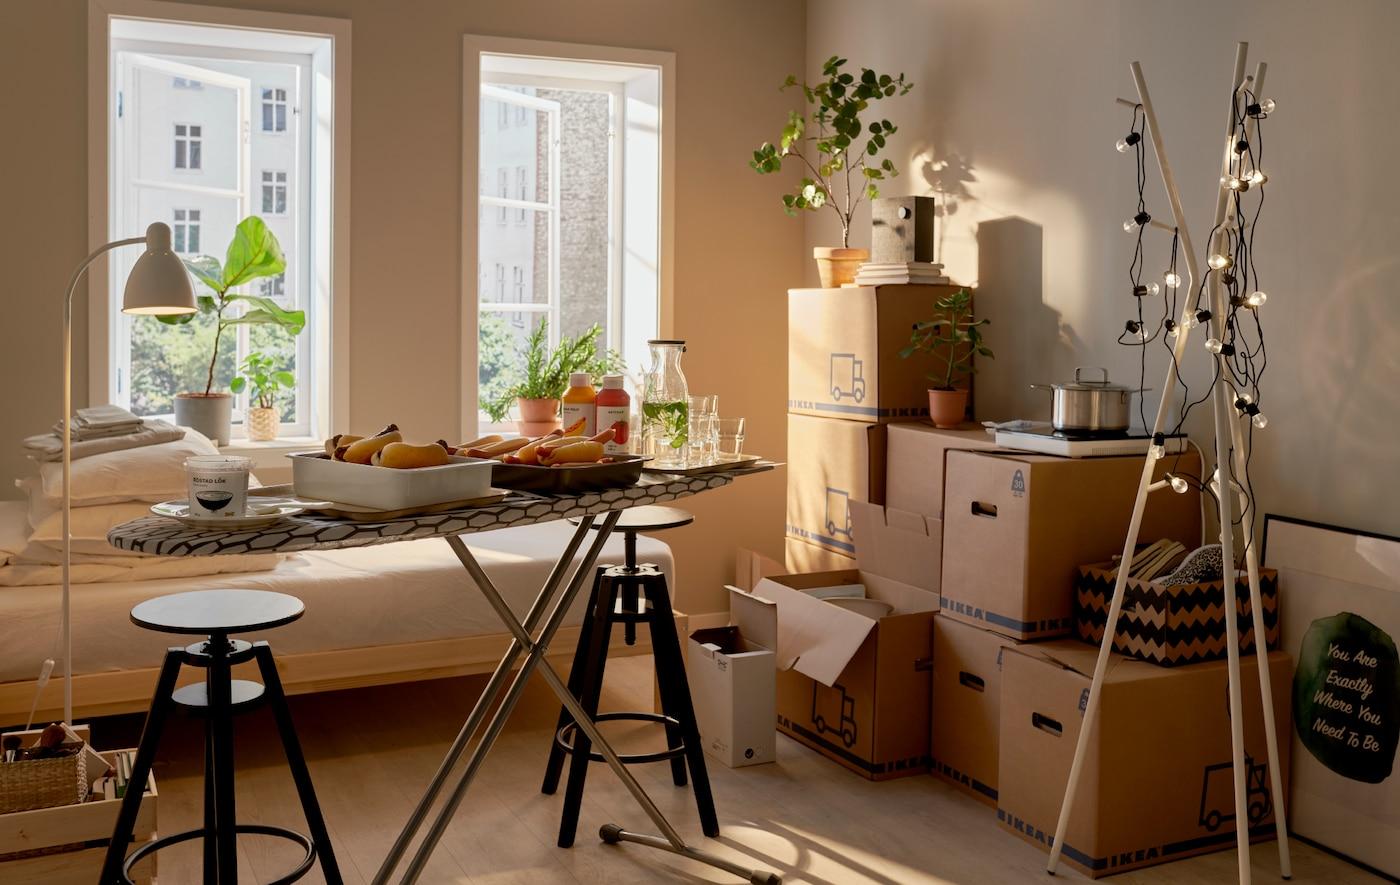 Prostorija usred selidbe sa složenim kutijama za pakiranje, malim švedskim stolom na dasci za glačanje i ukrašenim EKRAR stalkom za kapute.